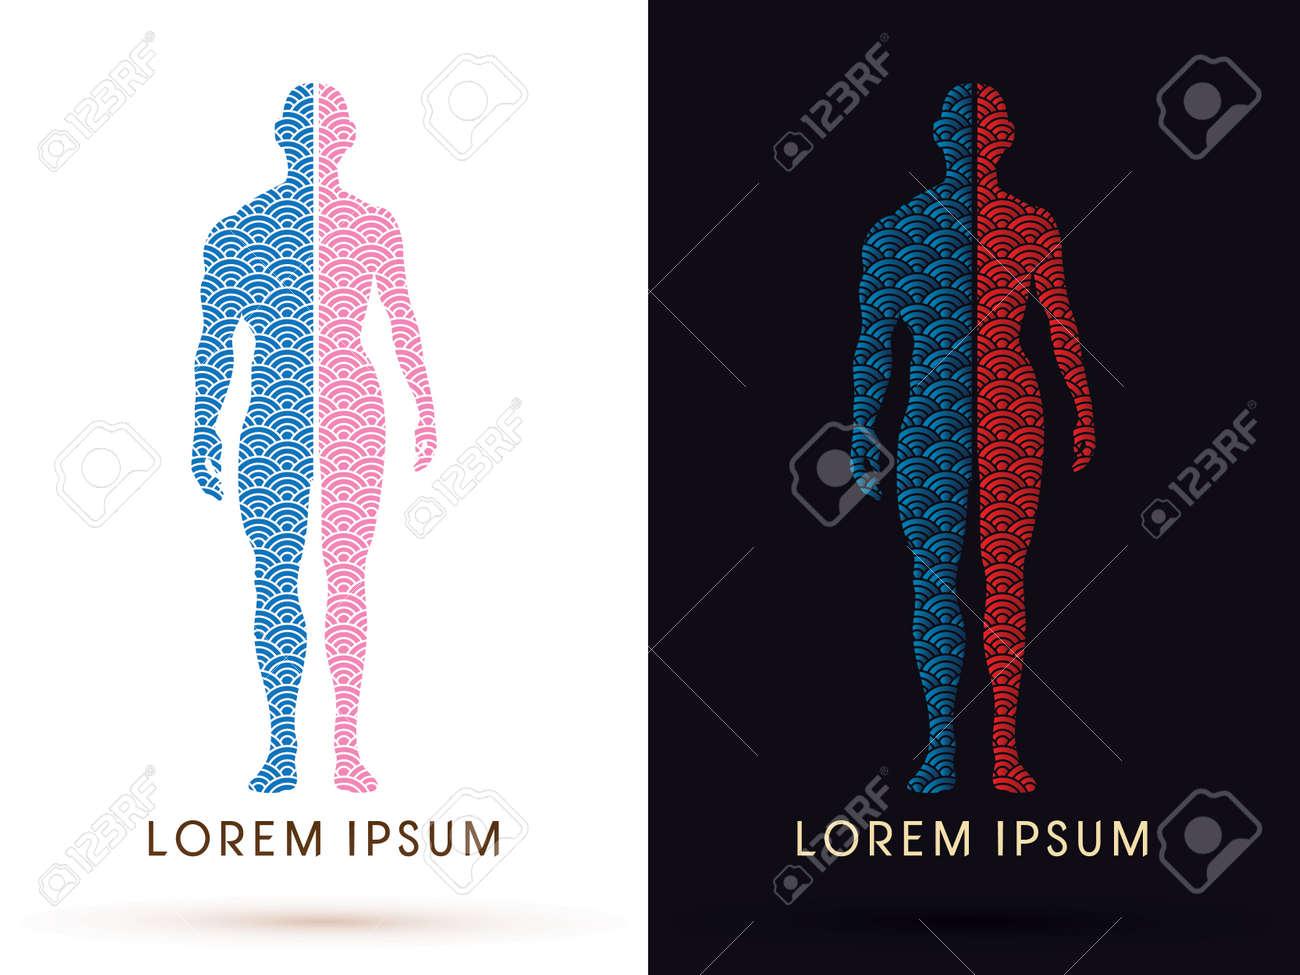 Halb Körper, Männliche Und Weibliche Anatomie, Mit Wasser Linie ...